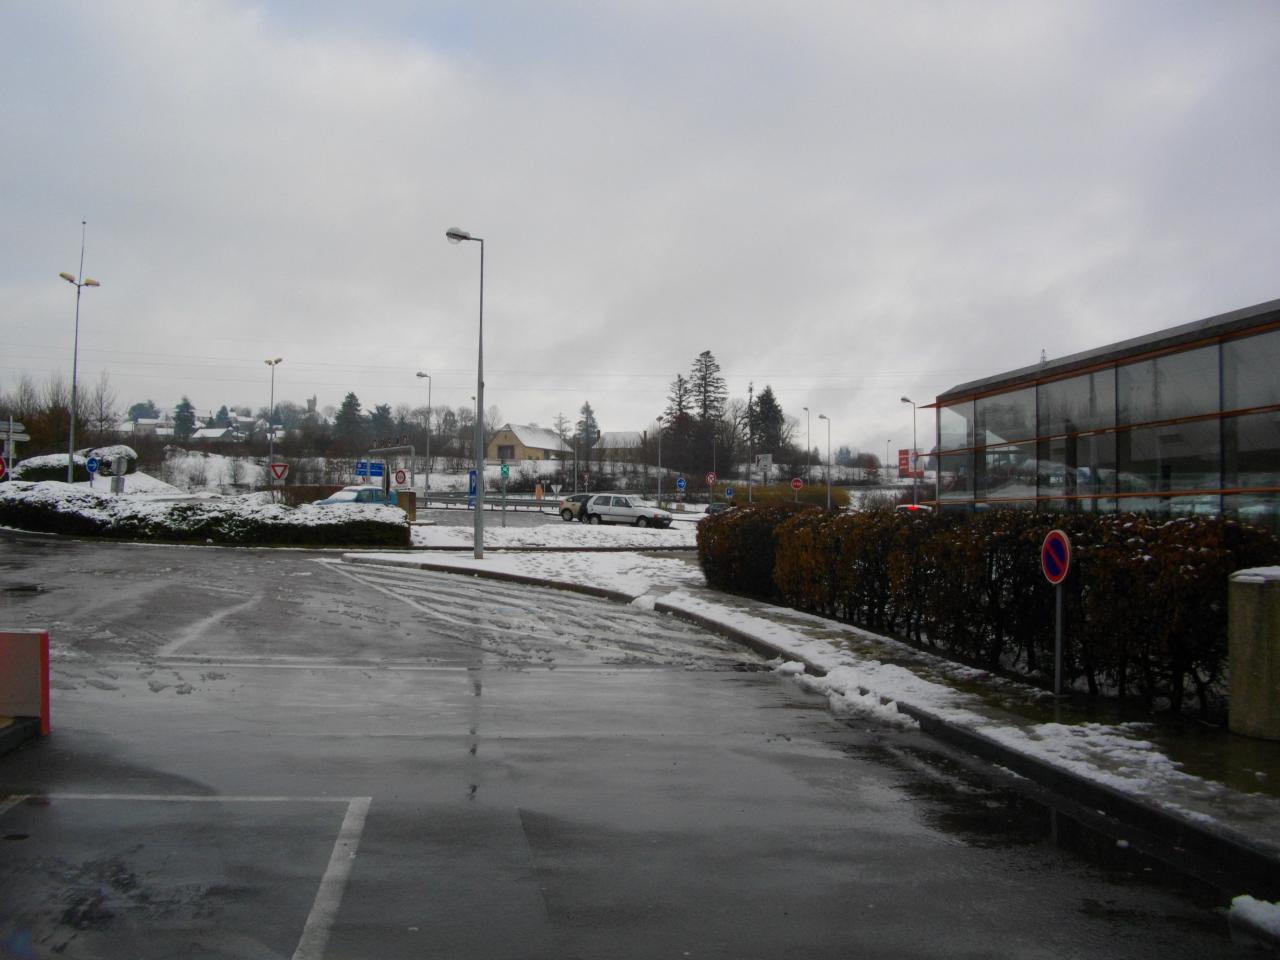 La station a etait salé plus de neige au sol.